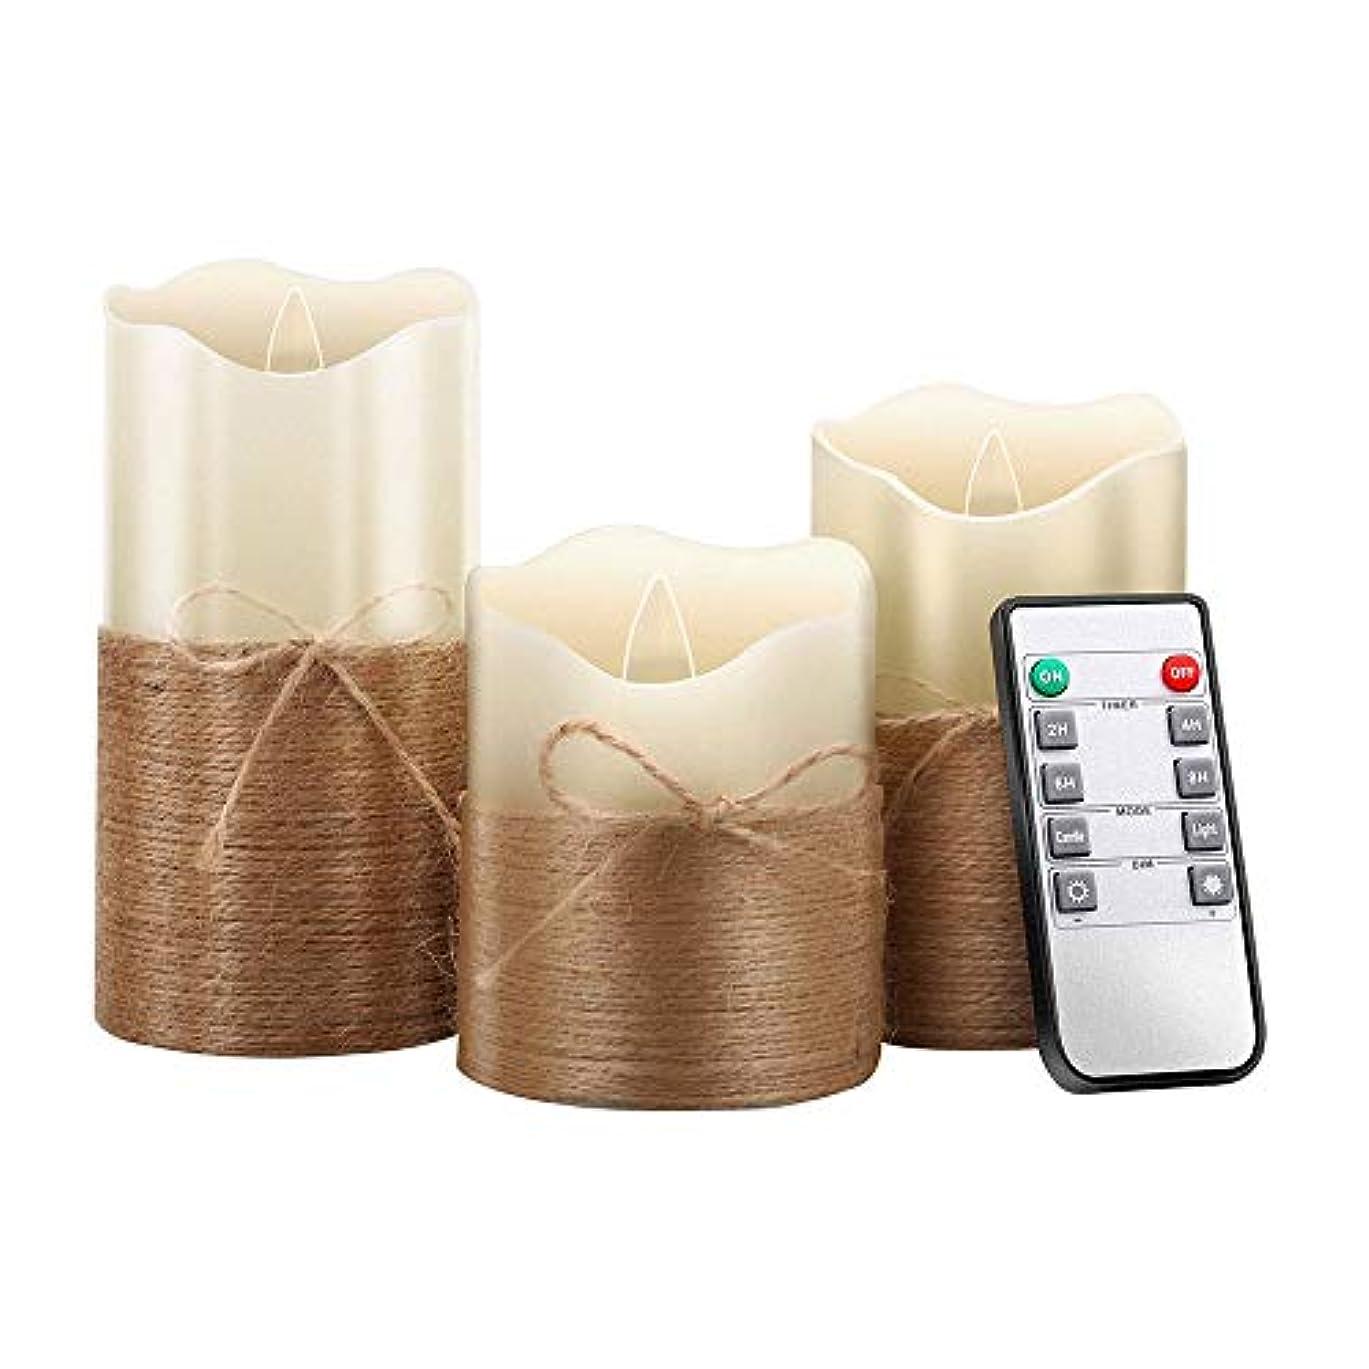 証明する診断する屋内レトロ麻ロープシミュレーションキャンドルLEDスイングウィック電子キャンドル雰囲気装飾キャンドルライト